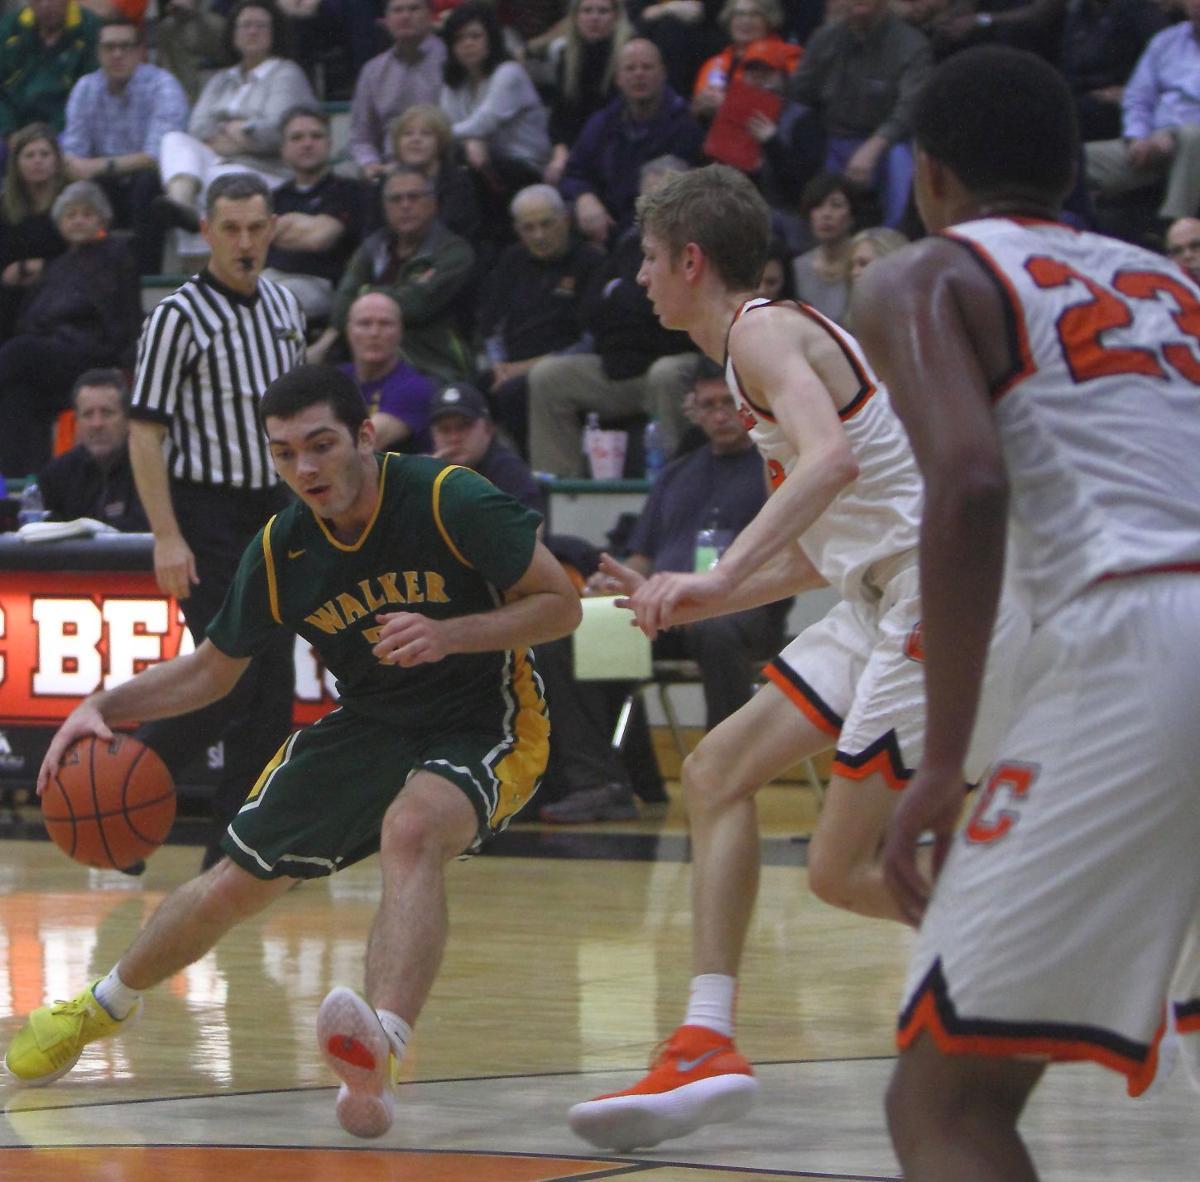 Walker & Catholic boys basketball Dalton Moore